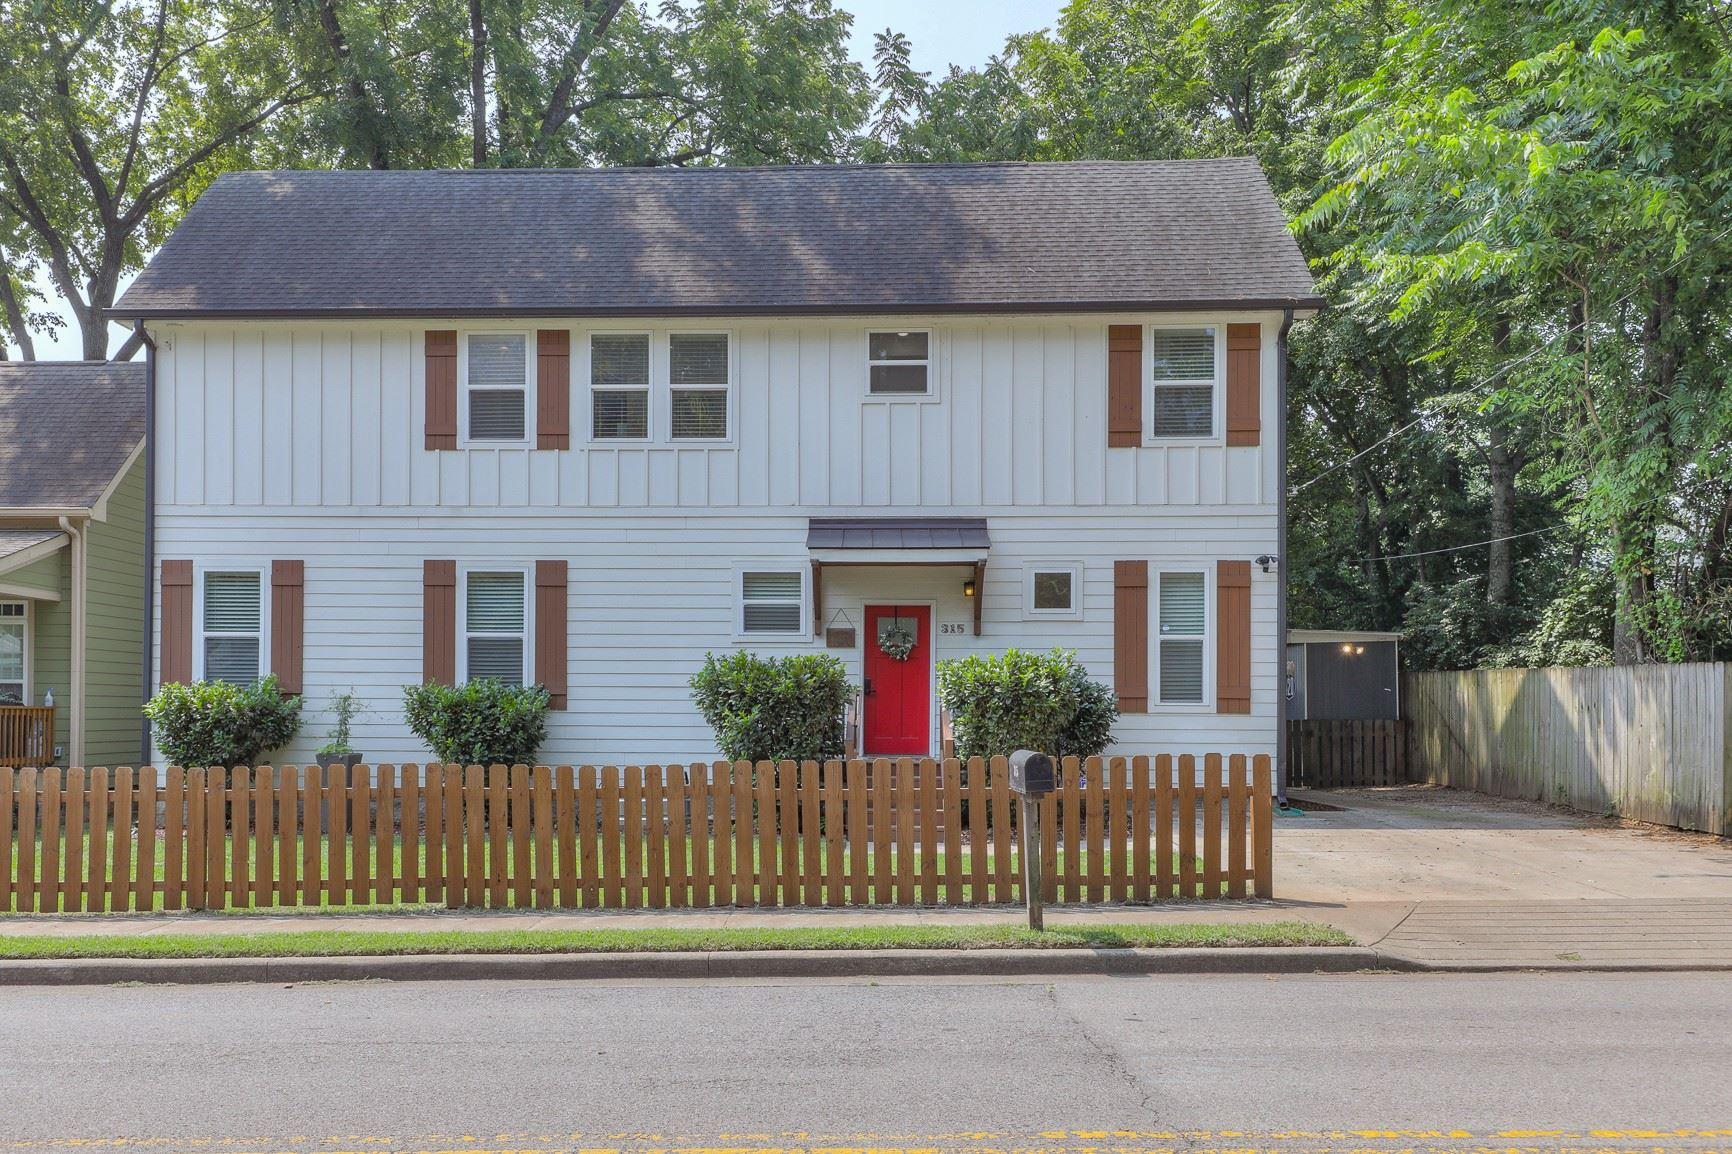 315 Glenrose Ave, Nashville, TN 37210 - MLS#: 2275152